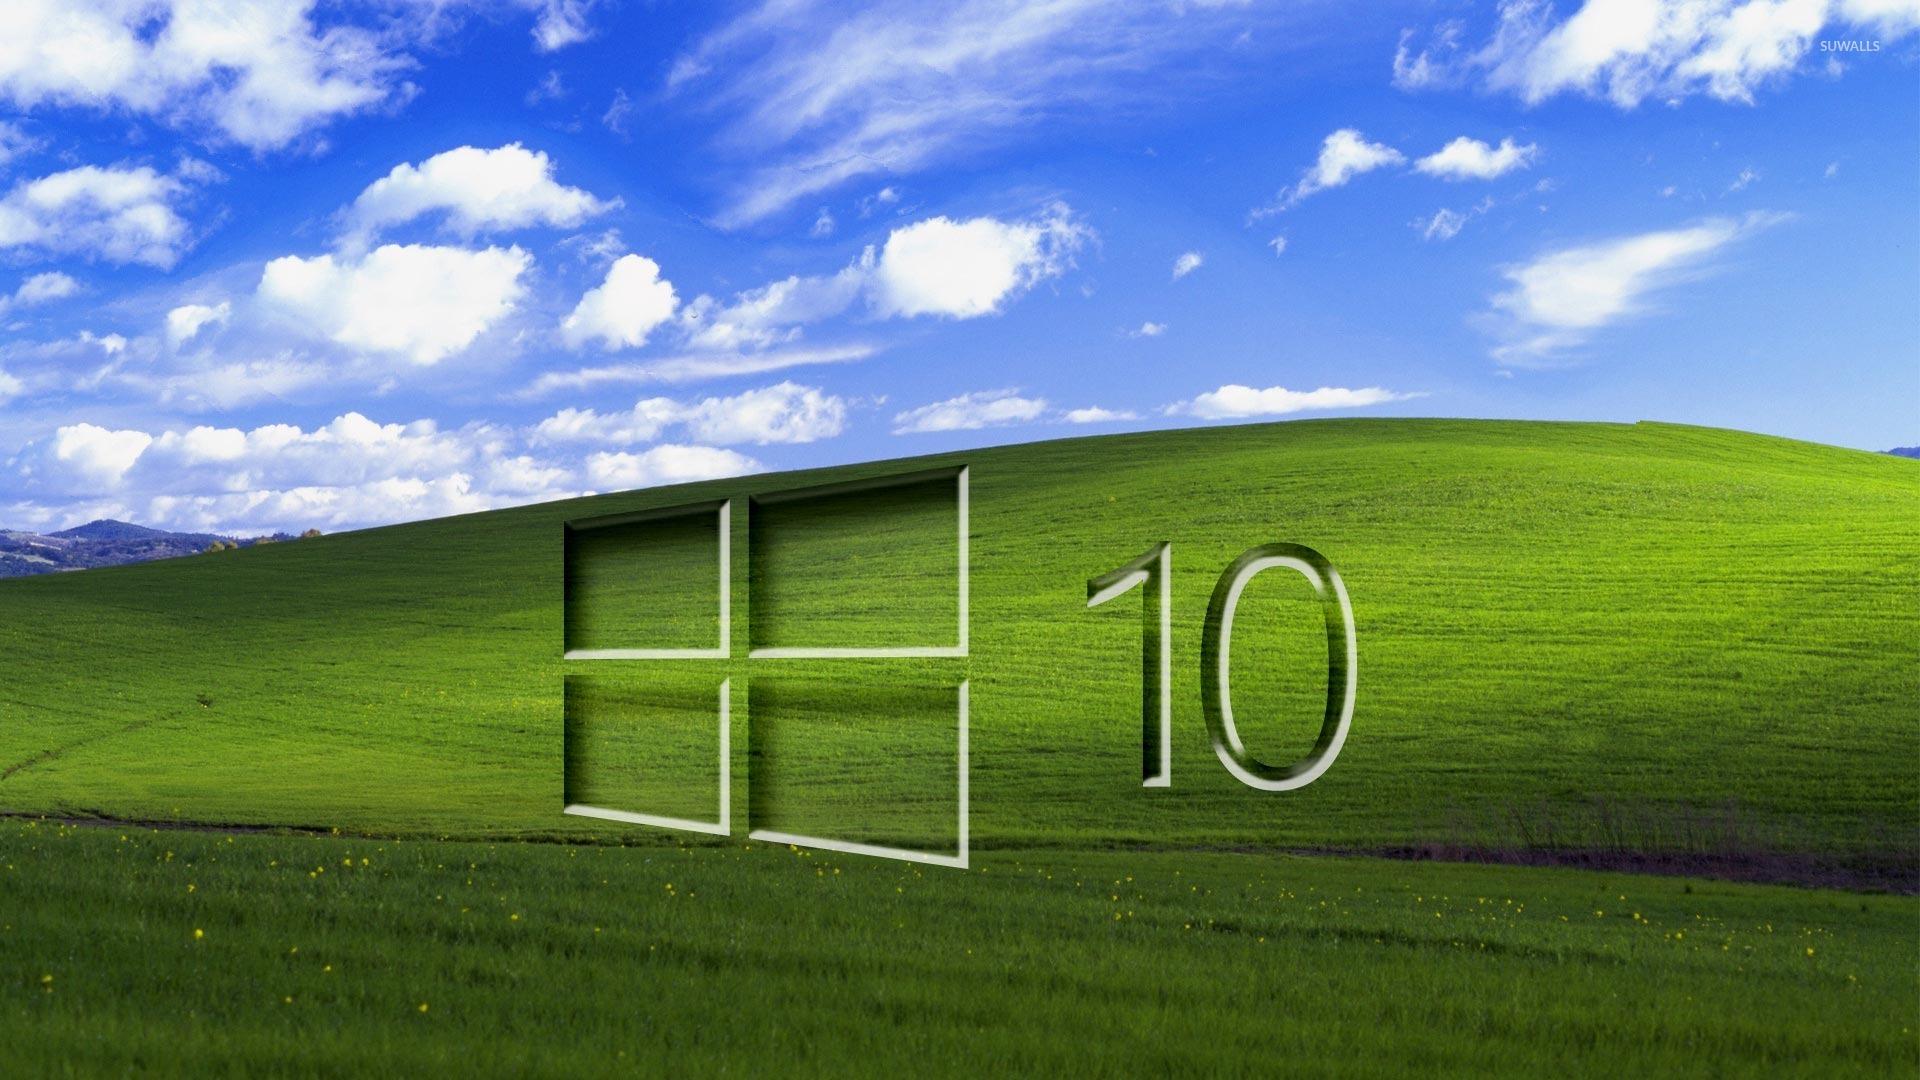 Windows 10 On A Green Field Glass Logo Wallpaper Computer